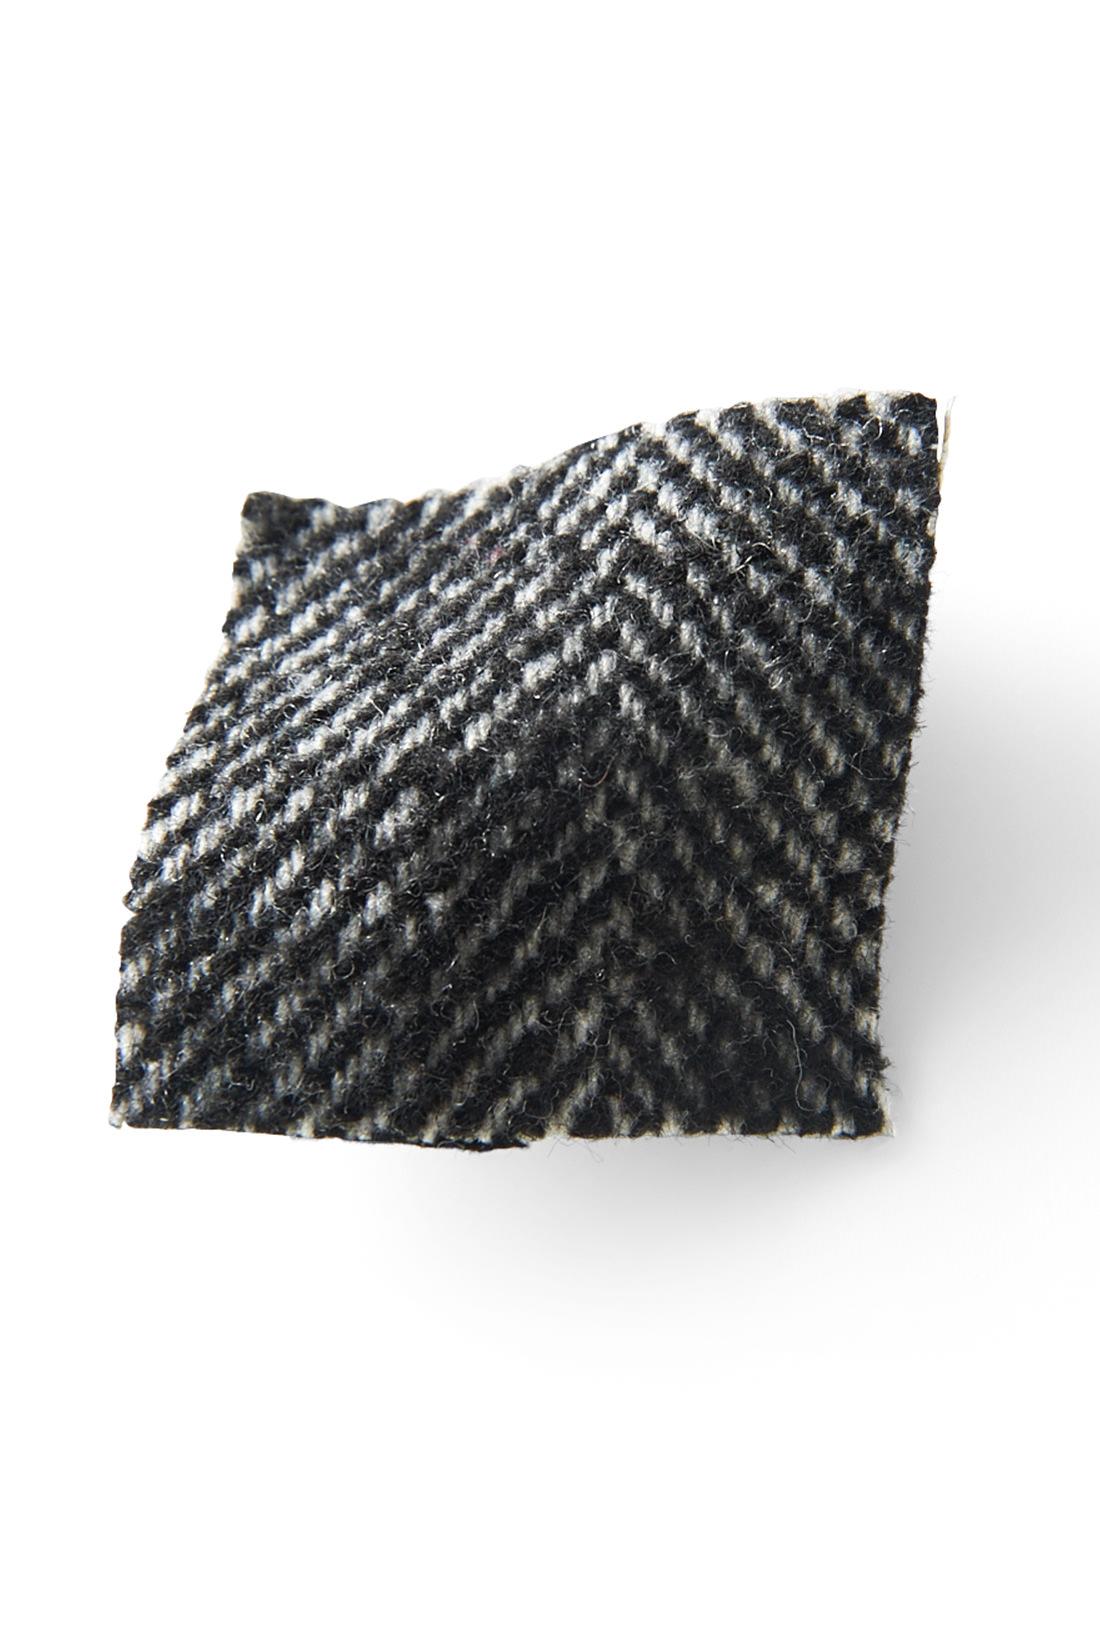 ヘリンボーン柄を起毛させた、ネップがかわいい上質感のある素材。